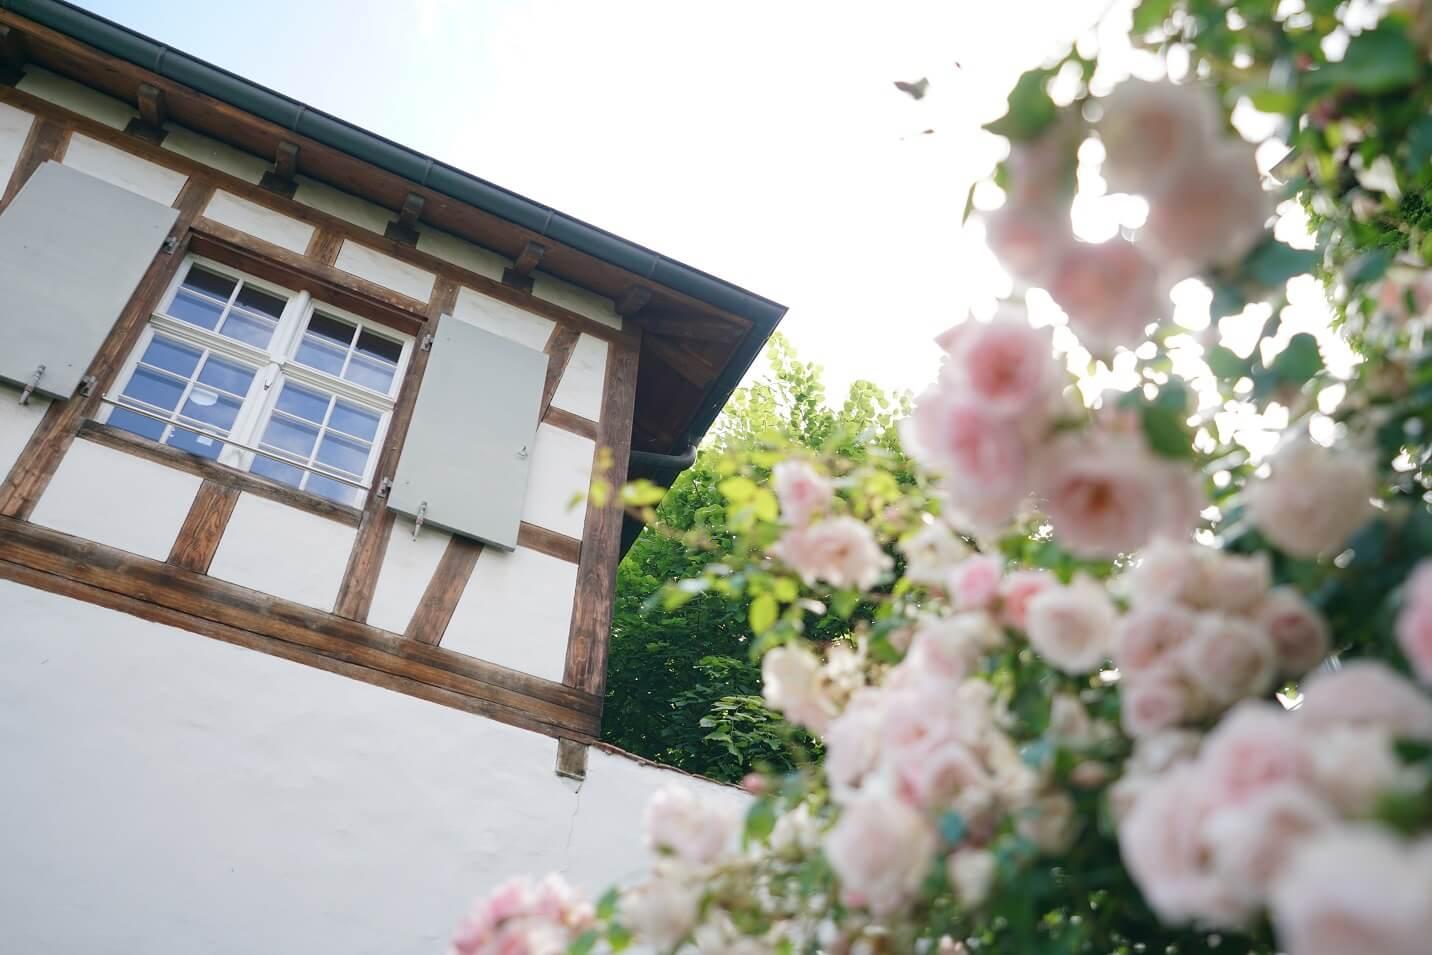 她的家是座古蹟,鄰舍在屋前種了玫瑰。